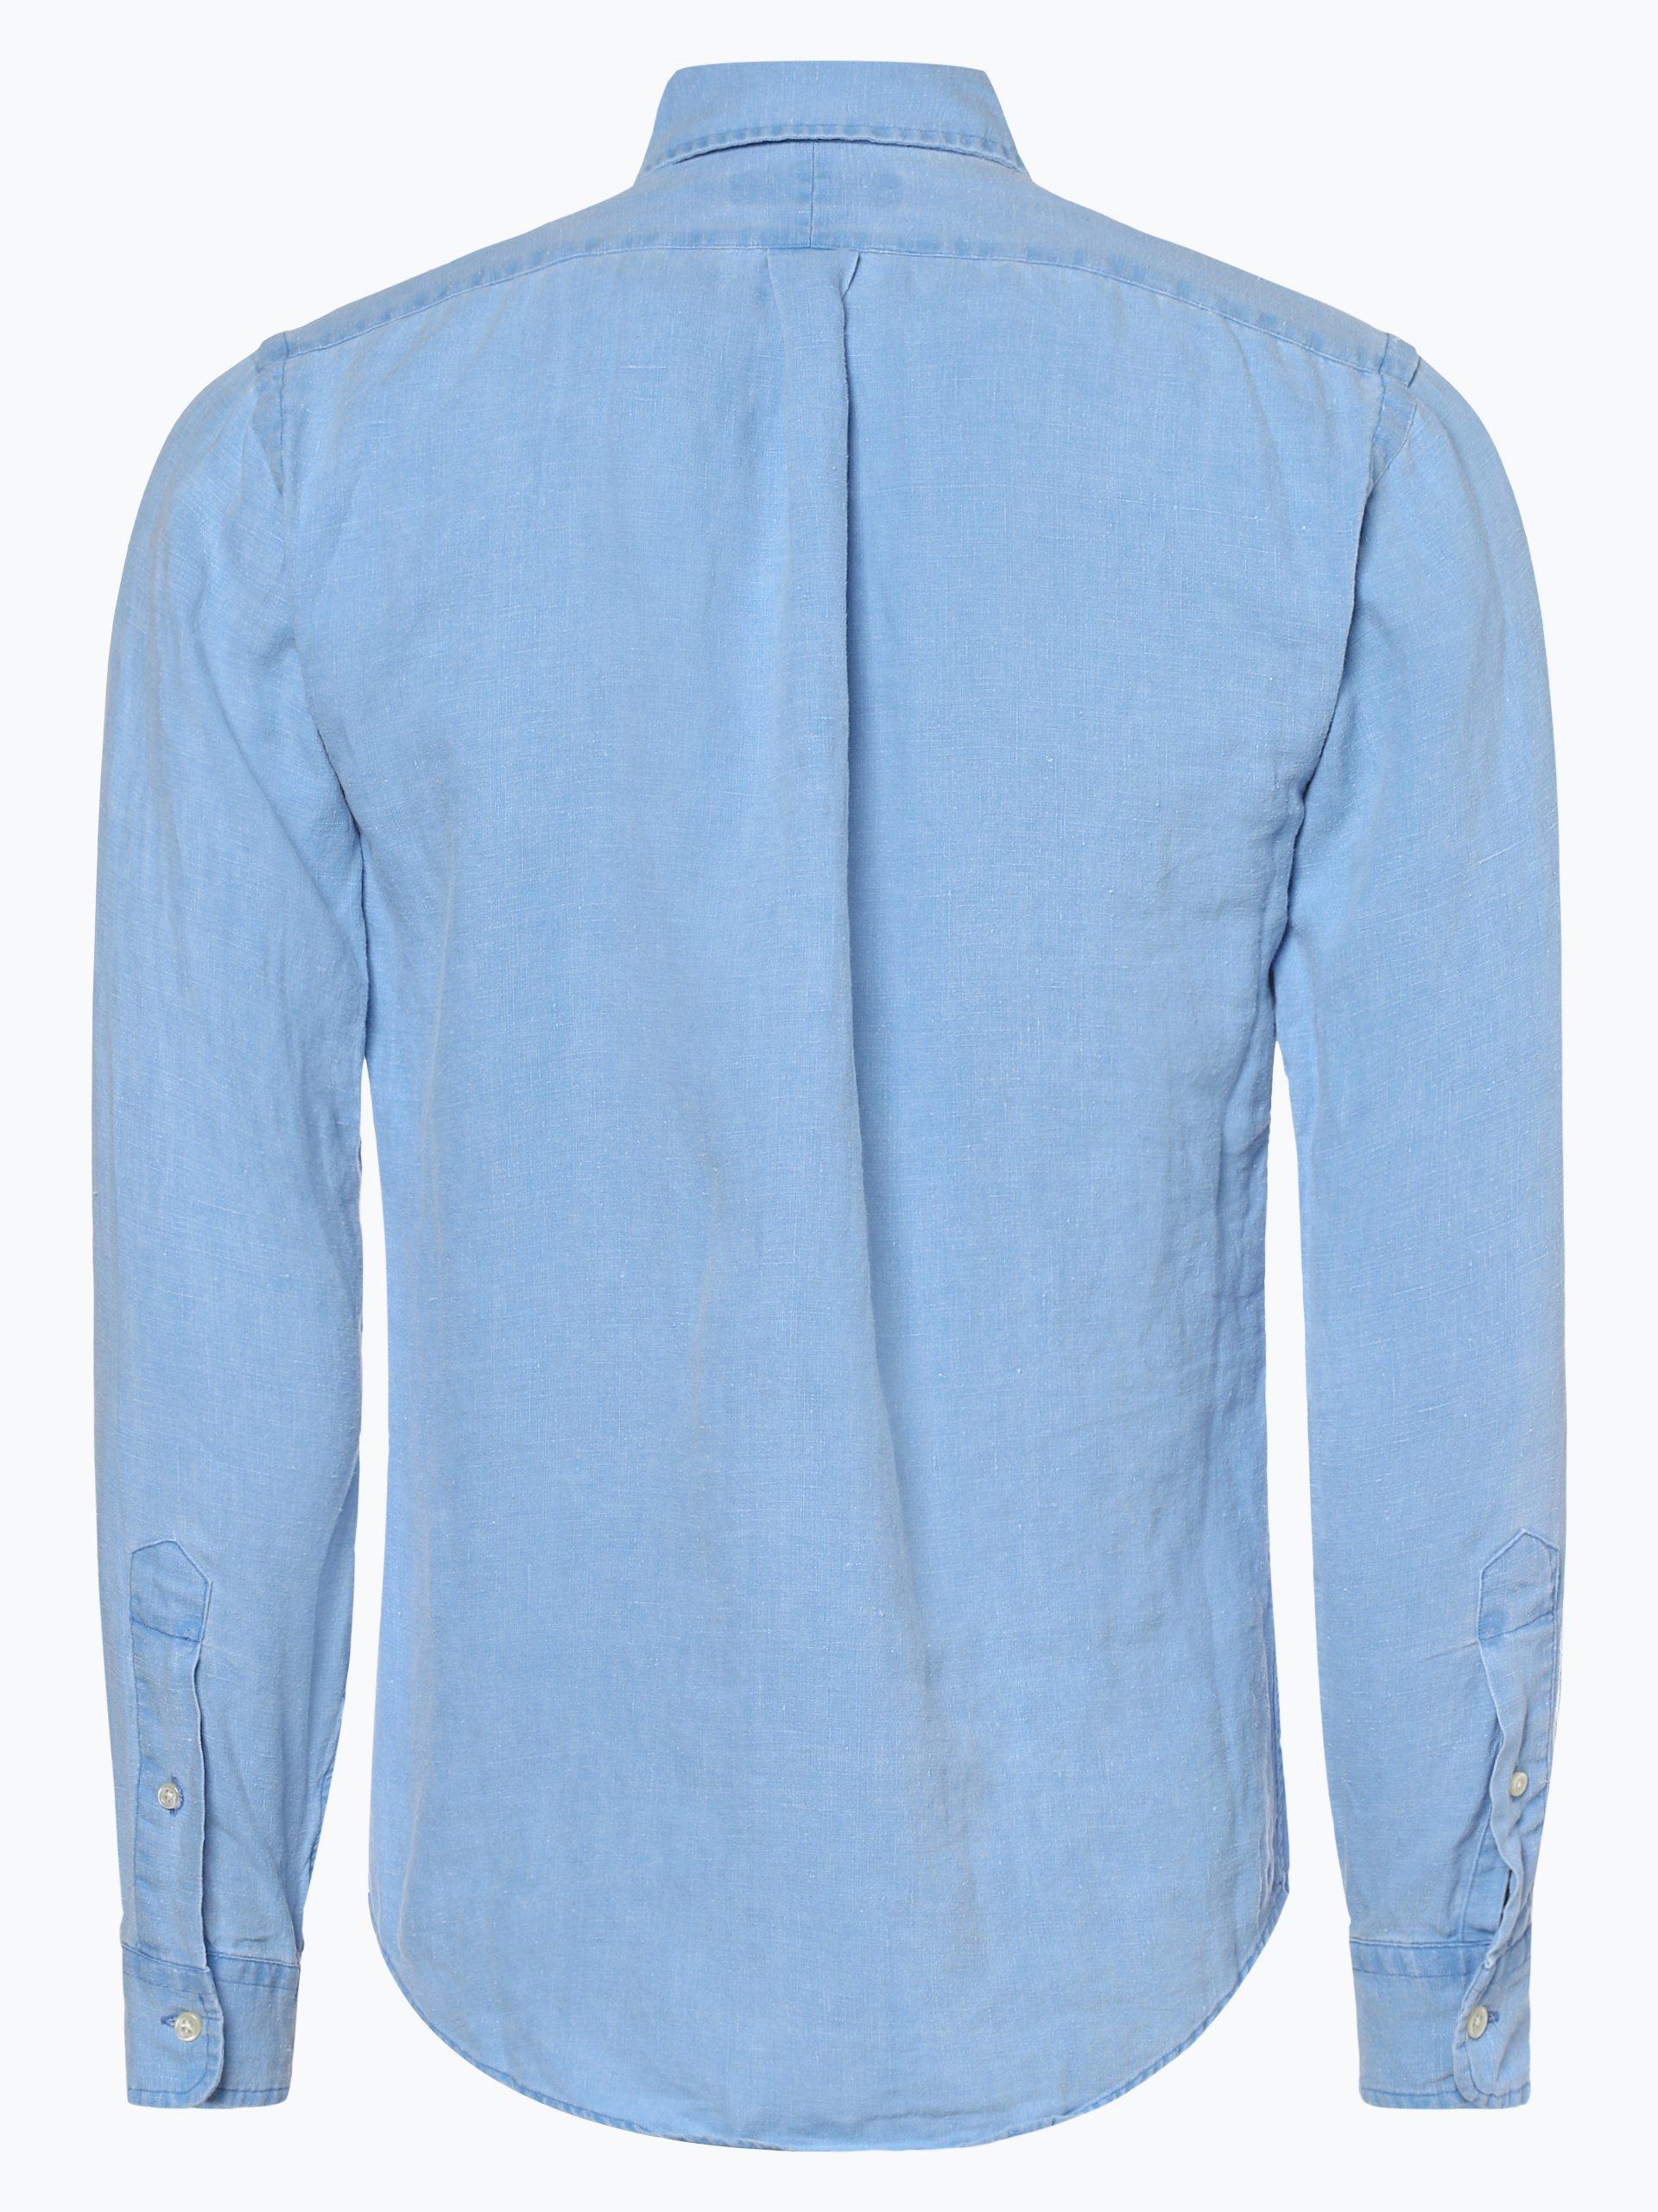 Polo Ralph Lauren Herren Leinenhemd - Slim Fit